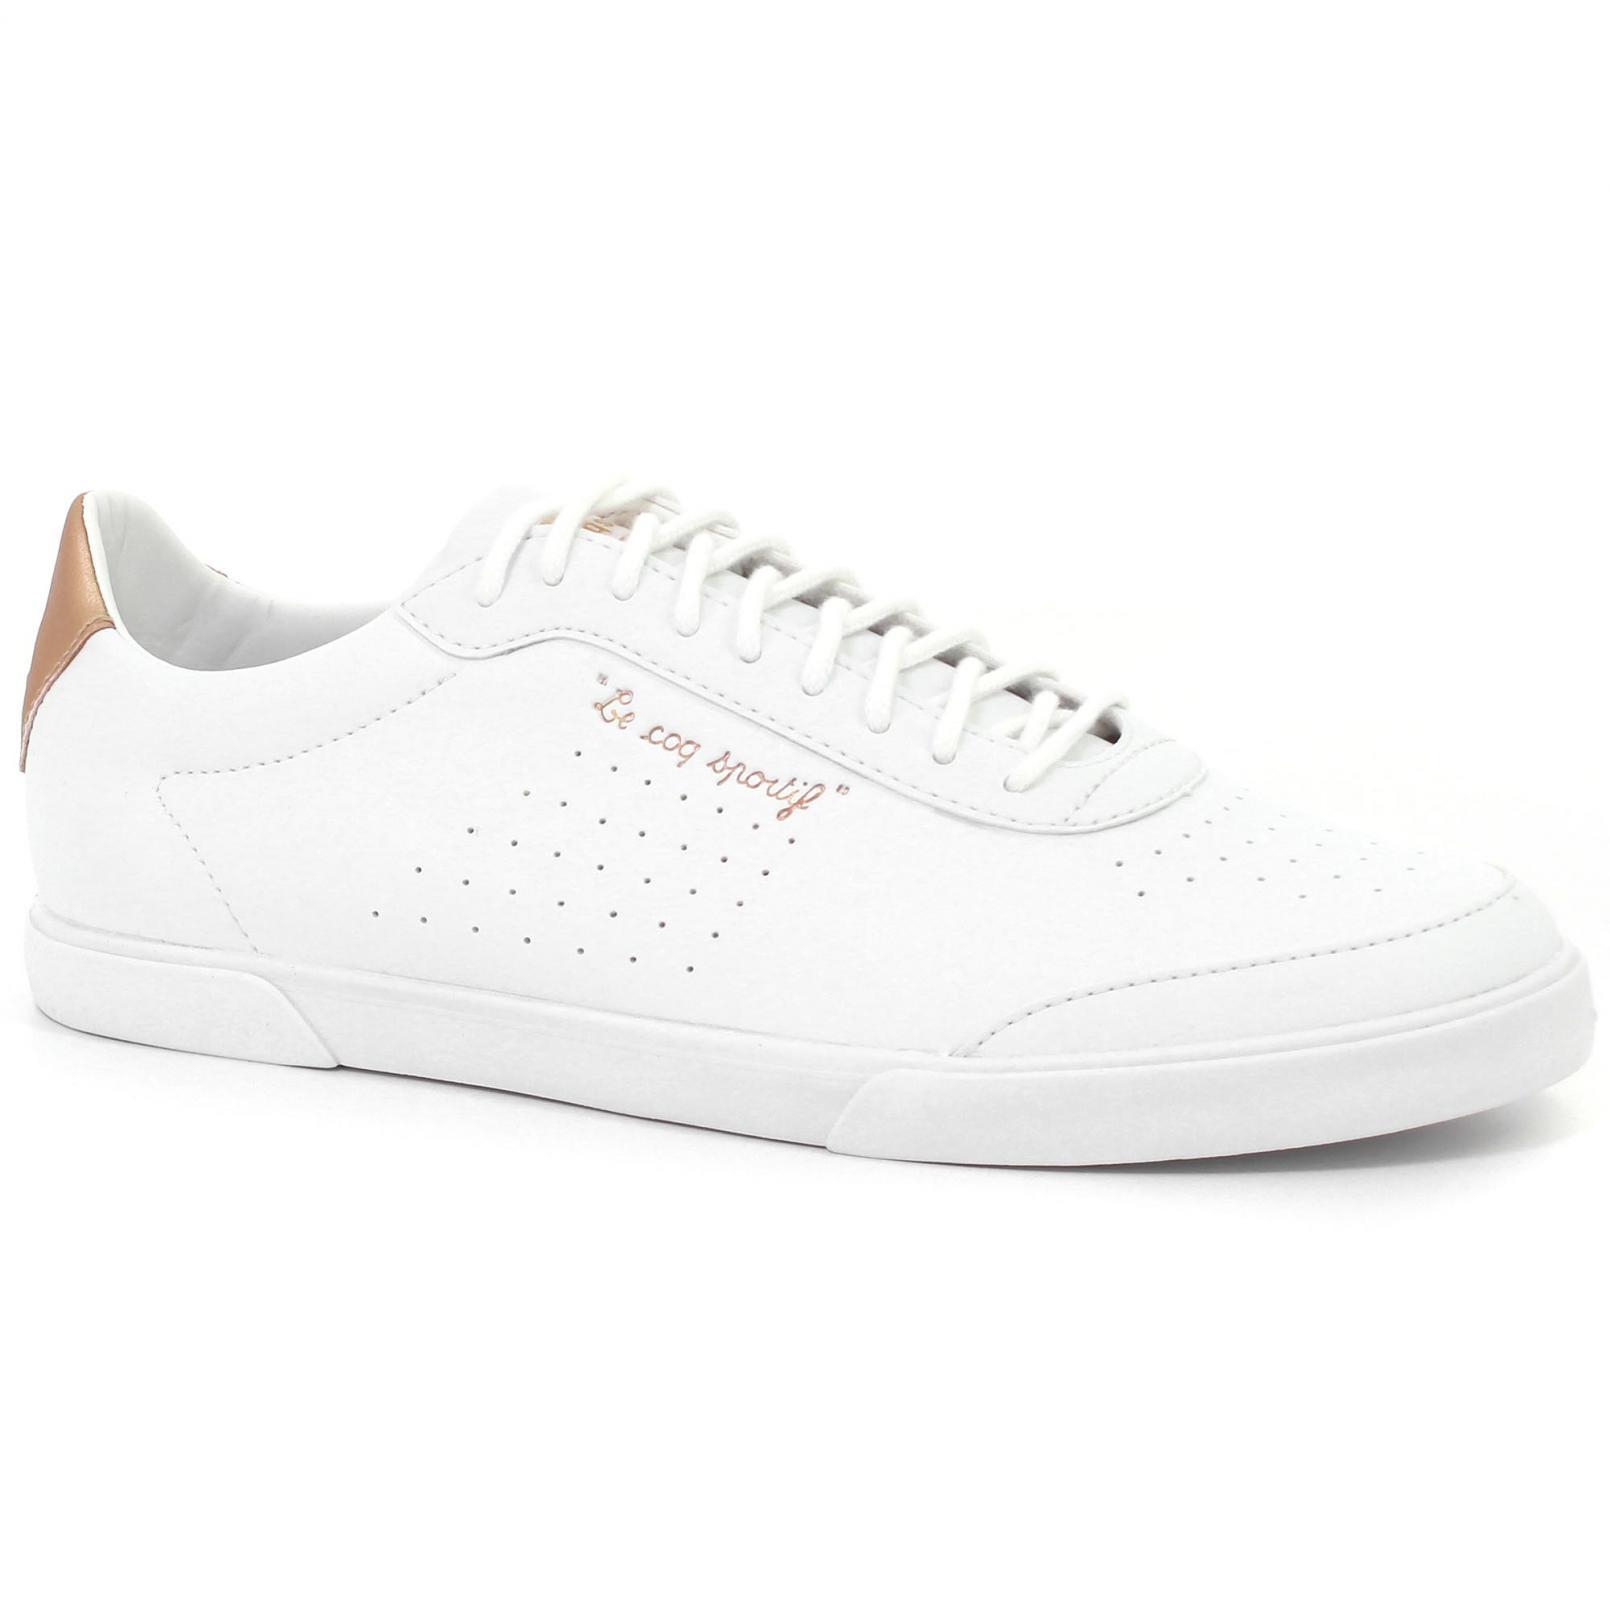 Shoes – Le Coq Sportif Lisa Metallic White/Pink